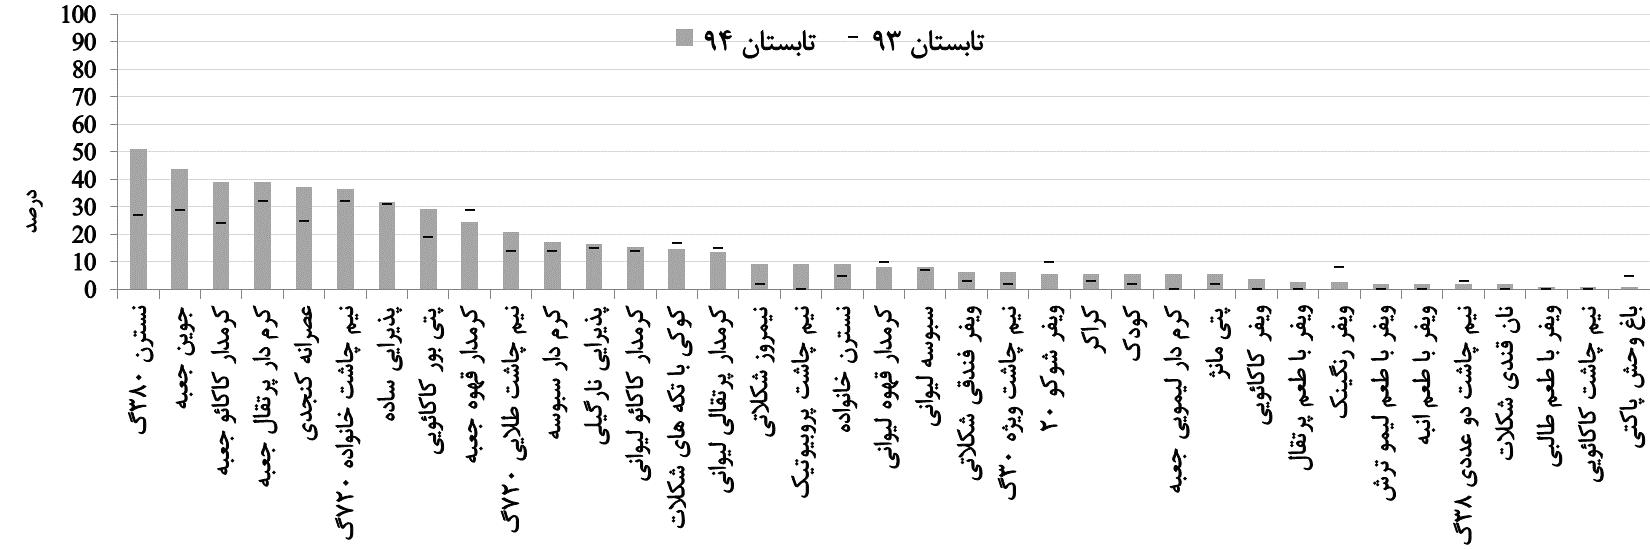 میزان حضور محصولات گرجی